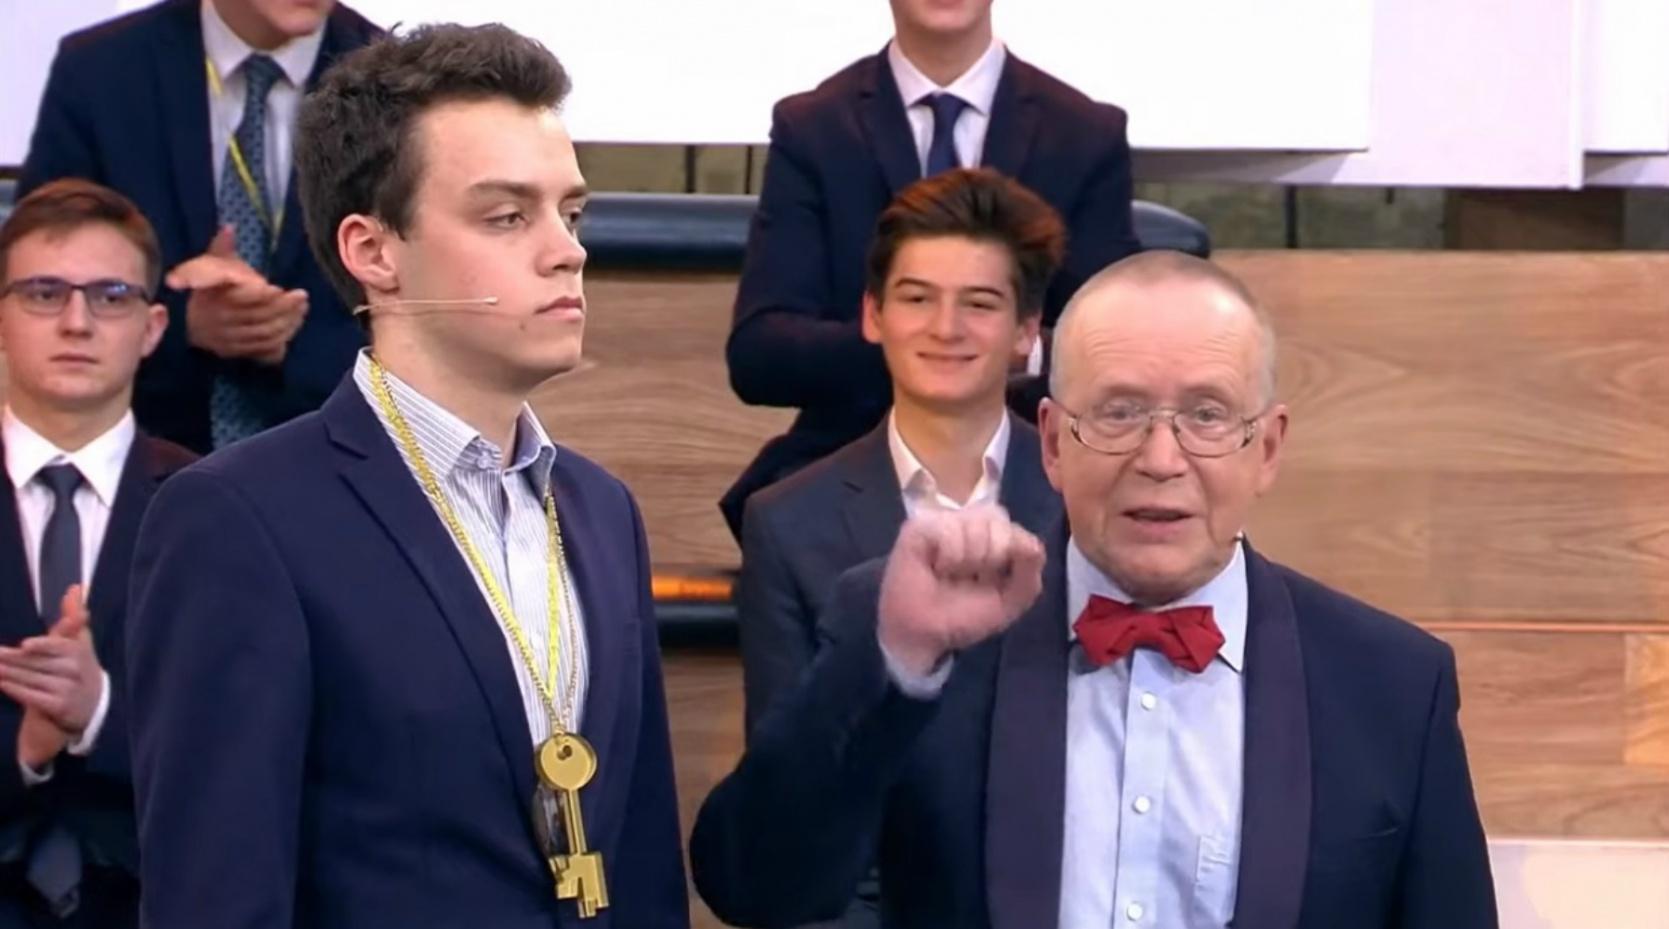 Ярославский выпускник стал одним из победителей шоу «Умницы и умники»